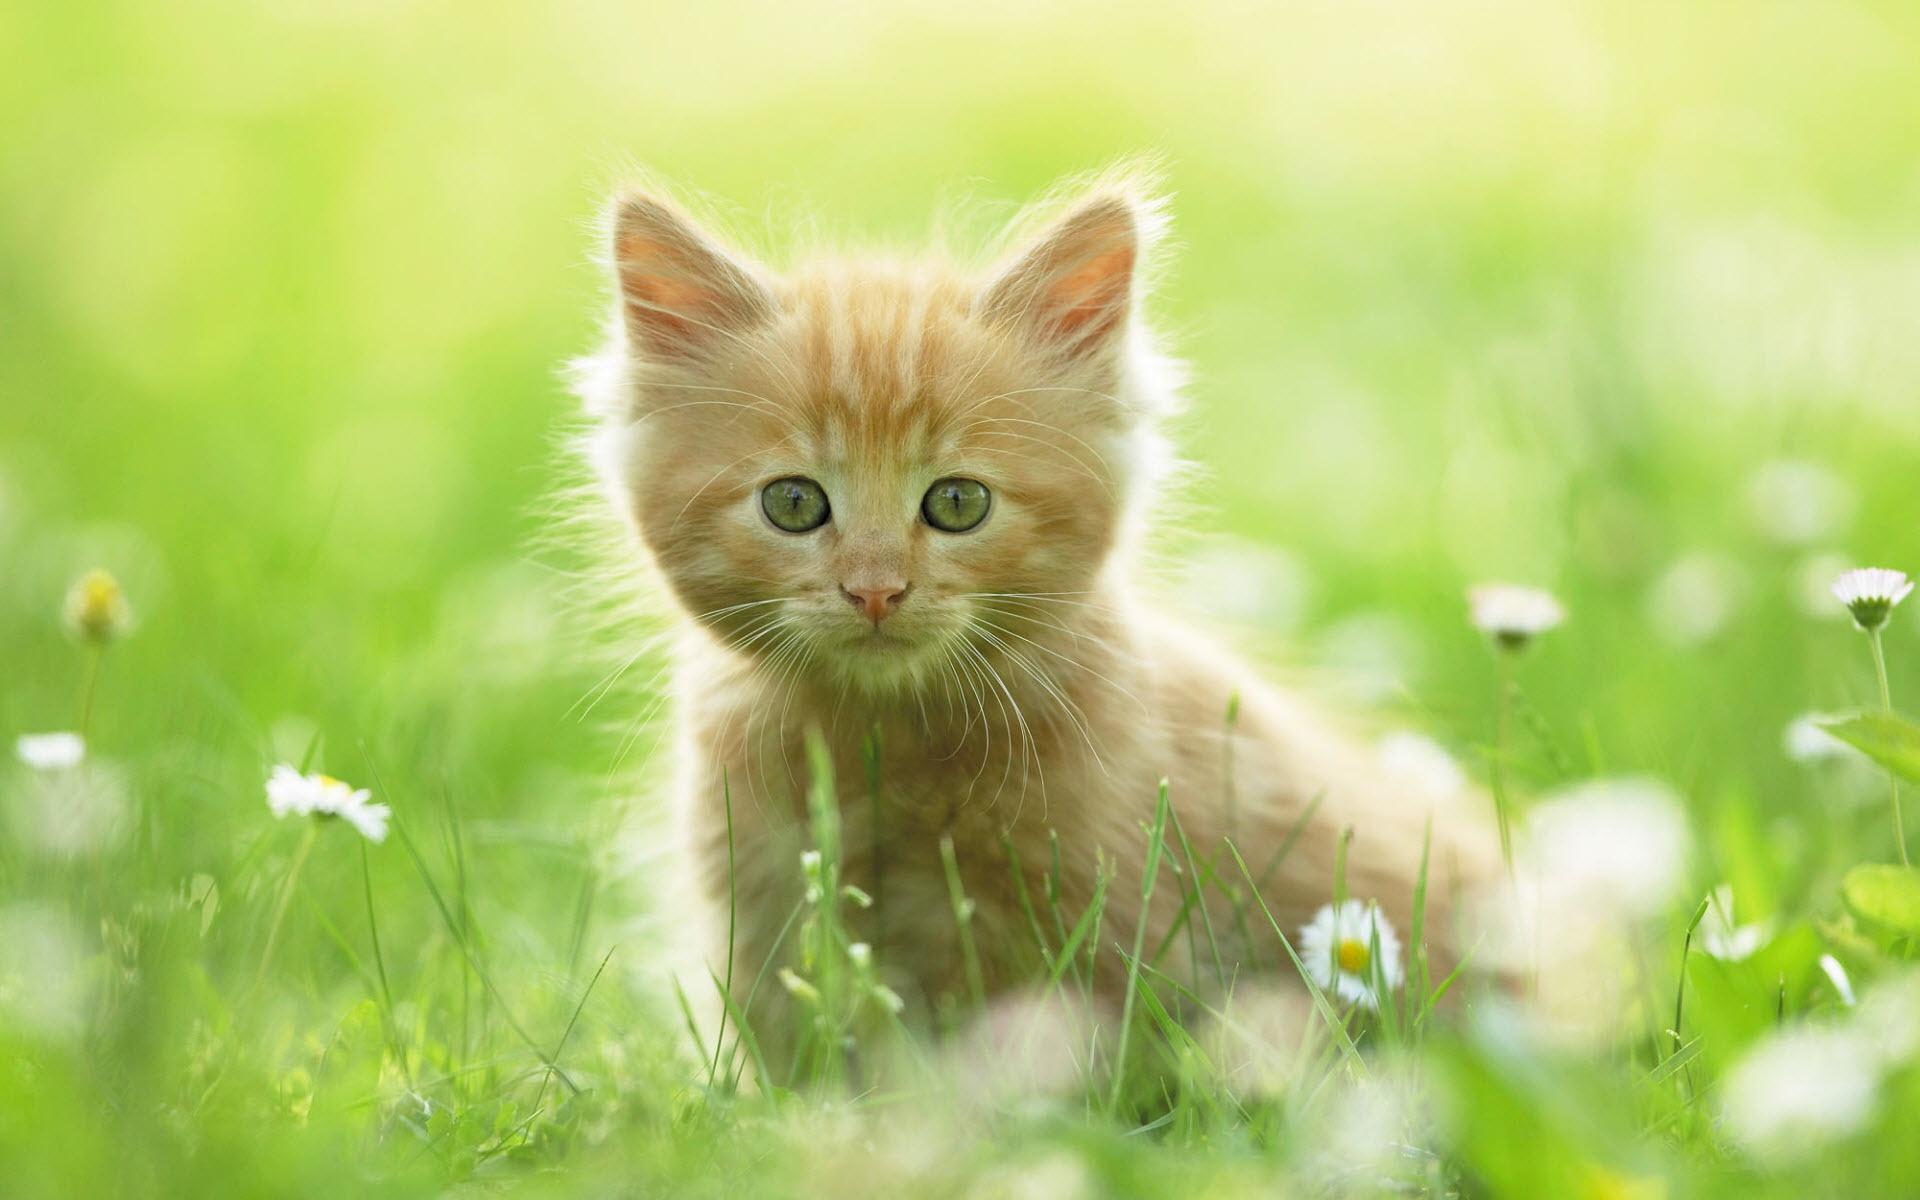 Baby Kitten Wallpaper Hd 1920x1200